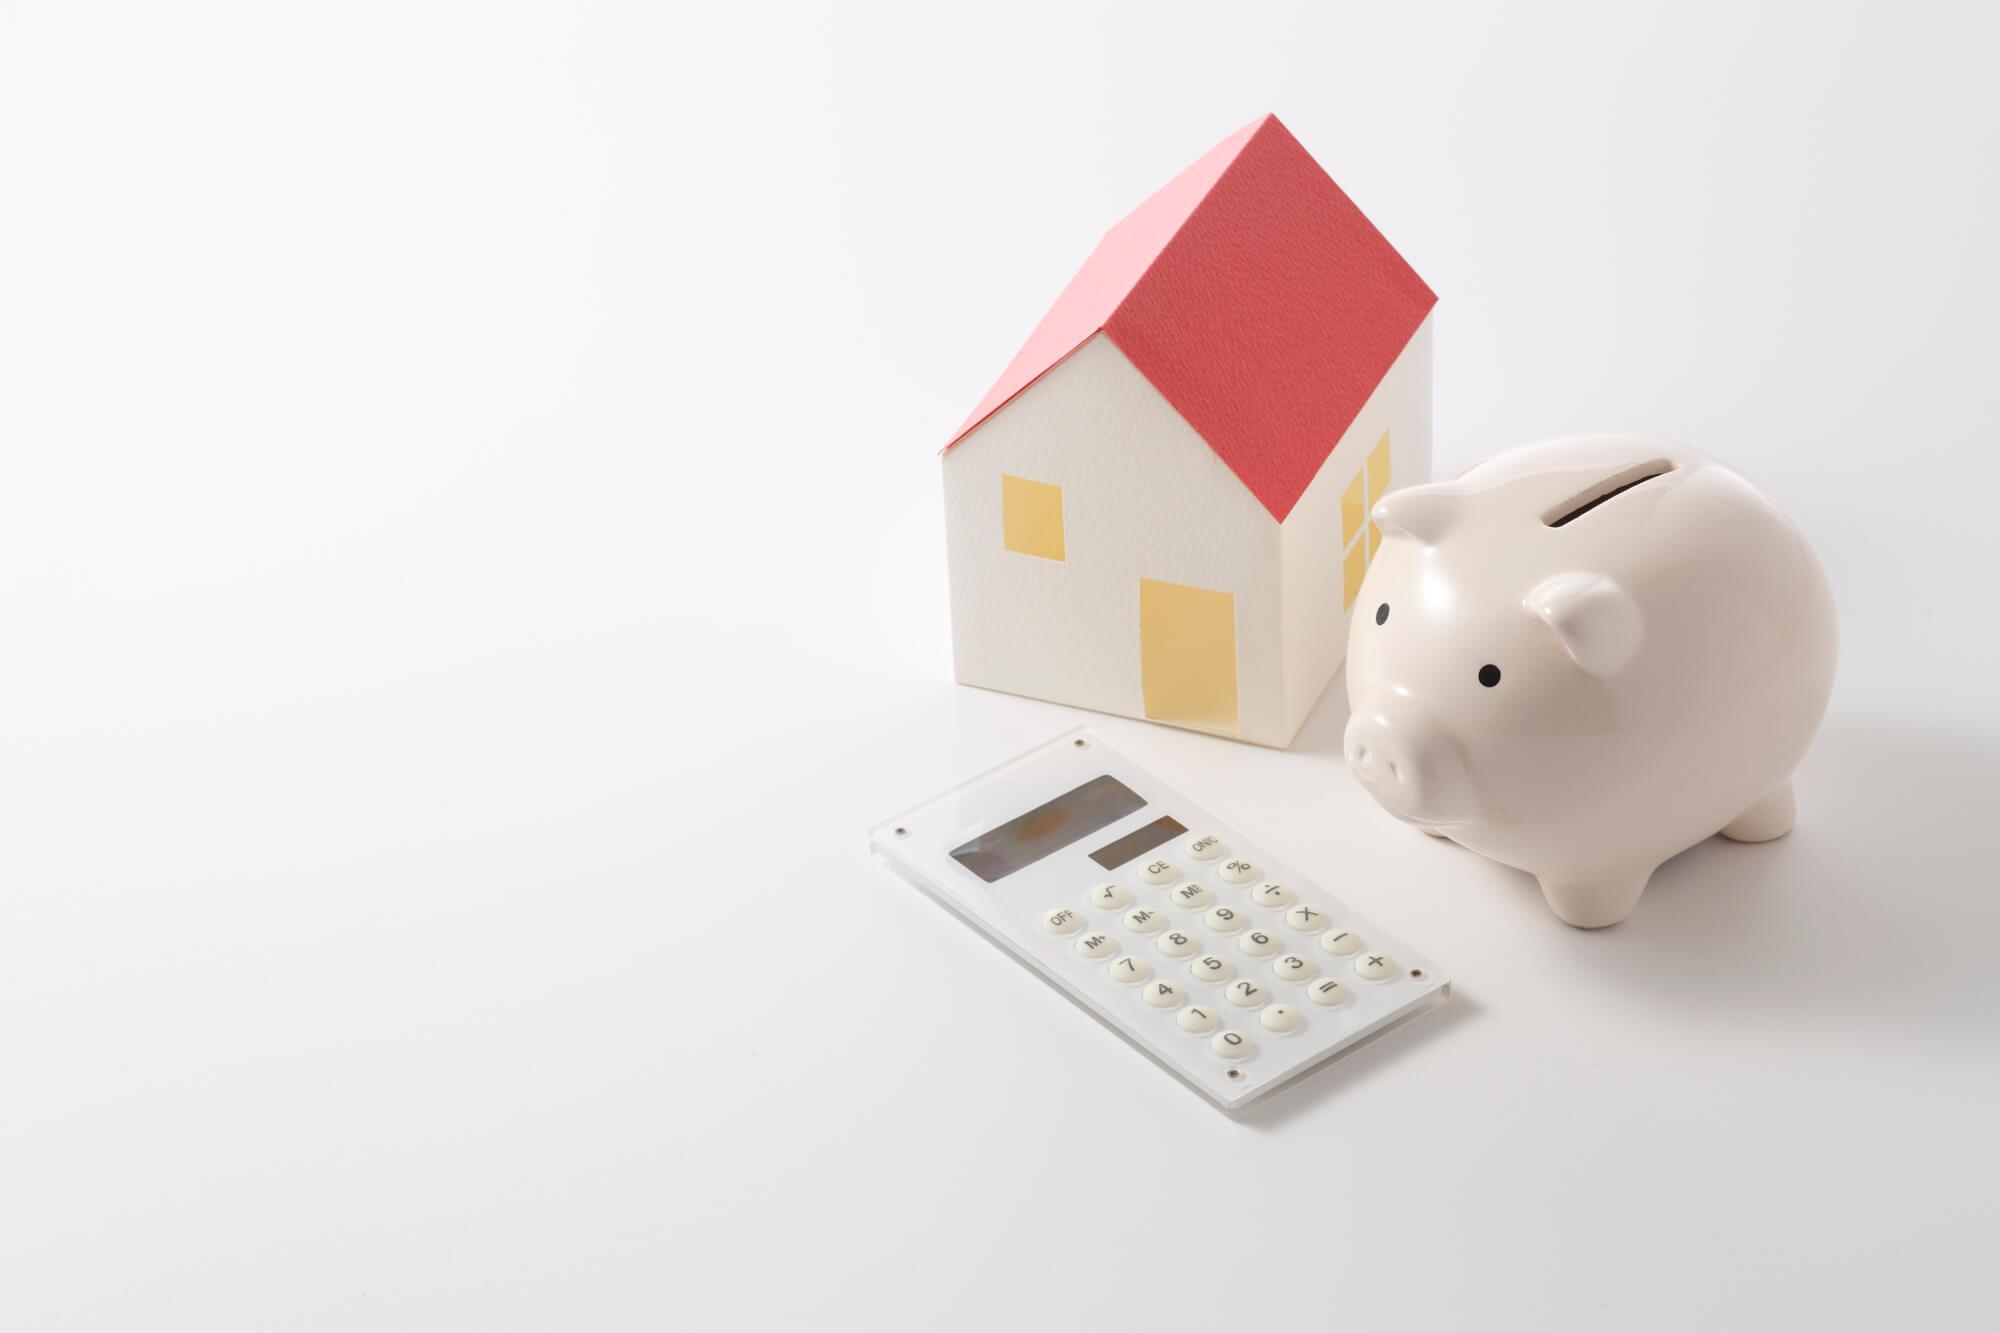 住宅 ローン 確定 申告 住宅ローン控除等を受けるための確定申告のやり方は?